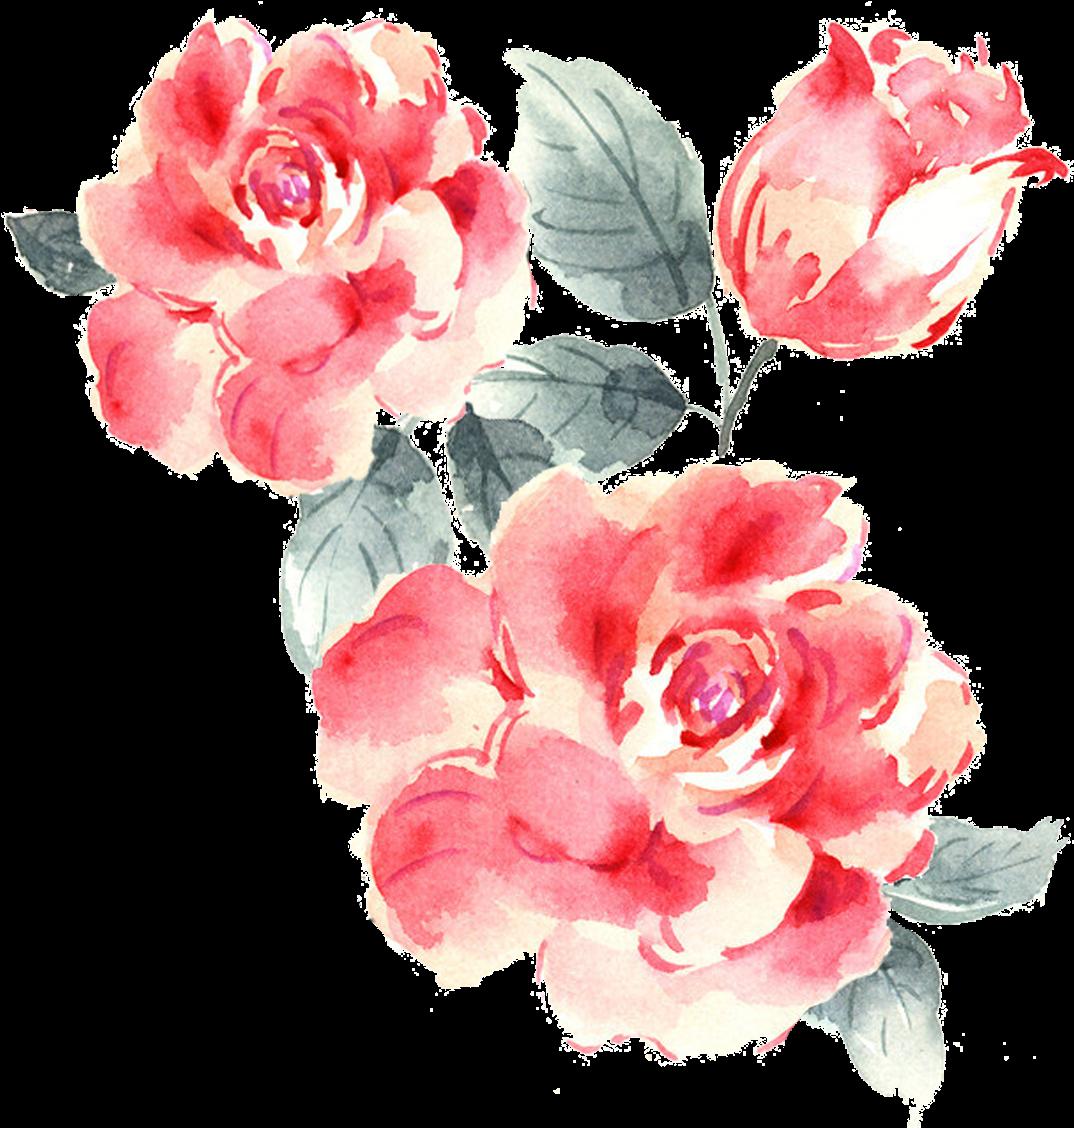 rose bush png - Drawing Roses Garden Rose - Drawn Pink ...